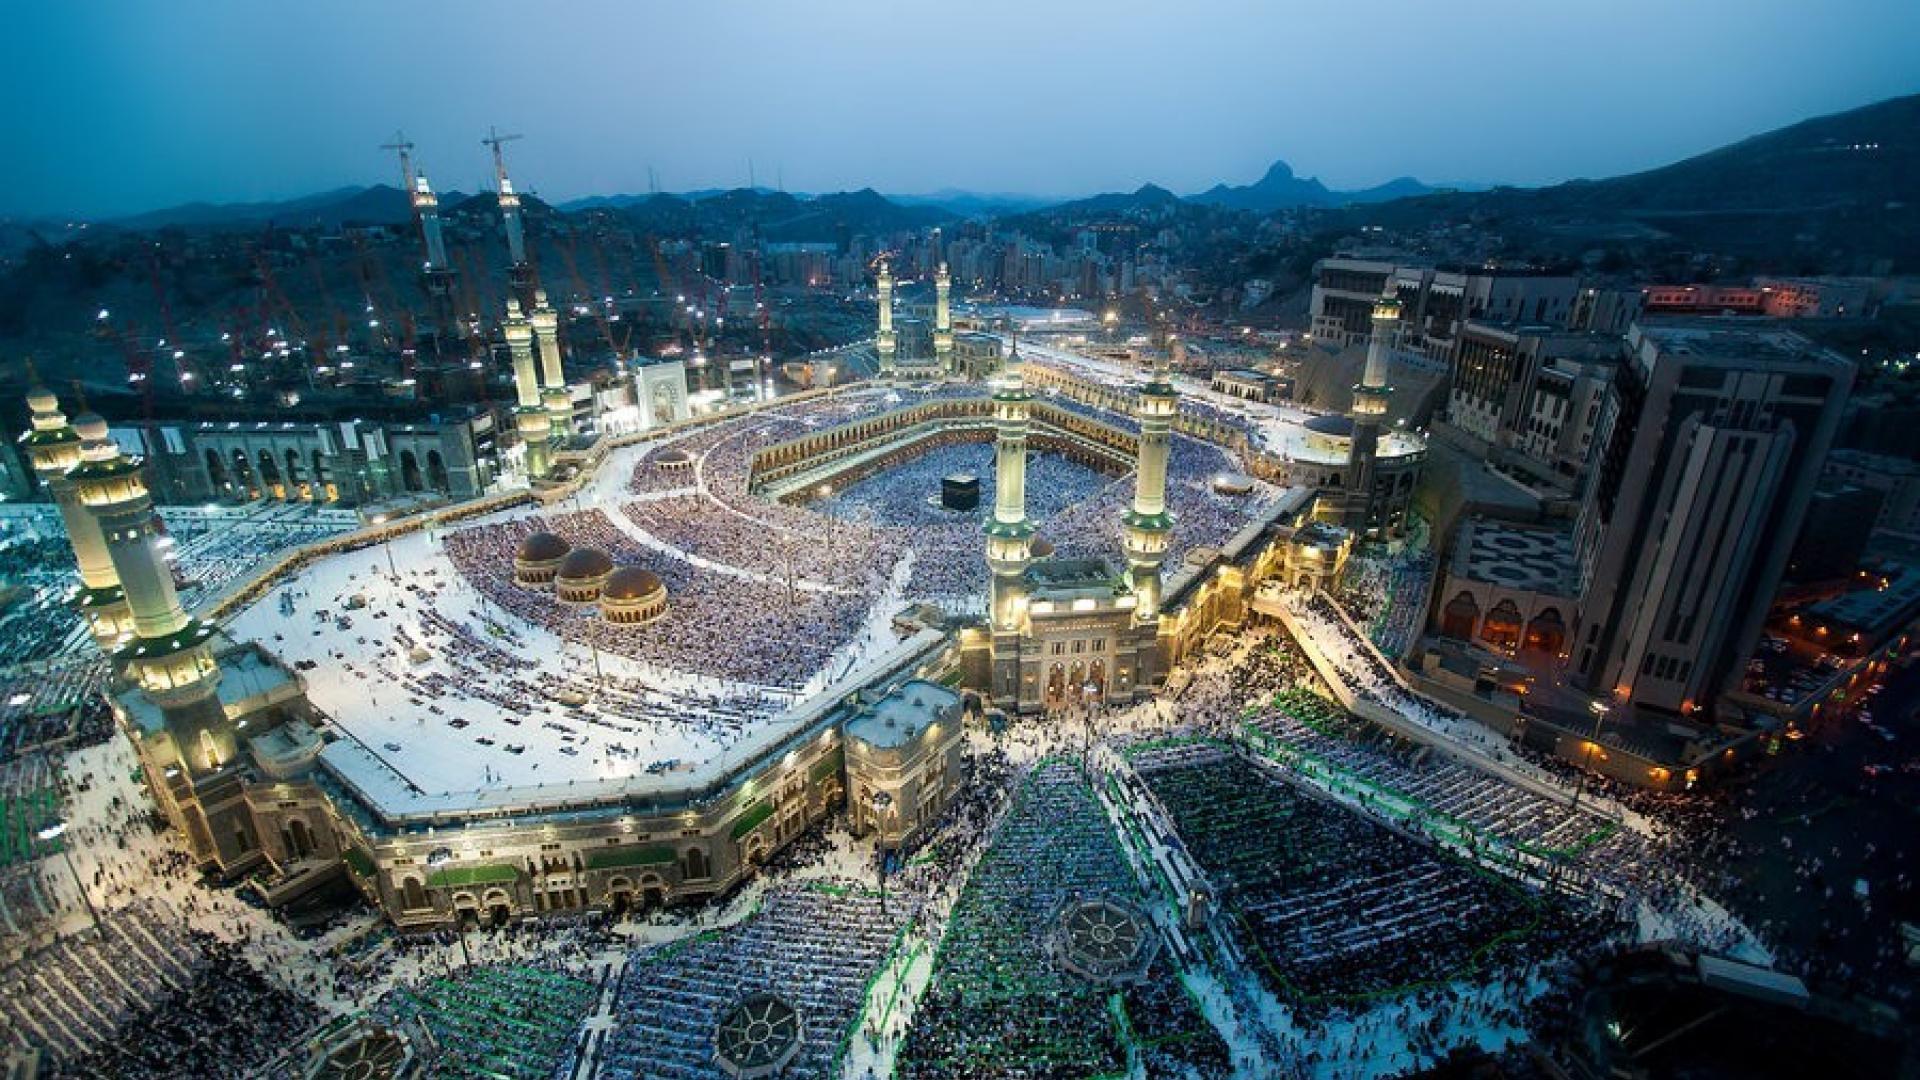 Saudi Arabia 4k Wallpapers Top Free Saudi Arabia 4k Backgrounds